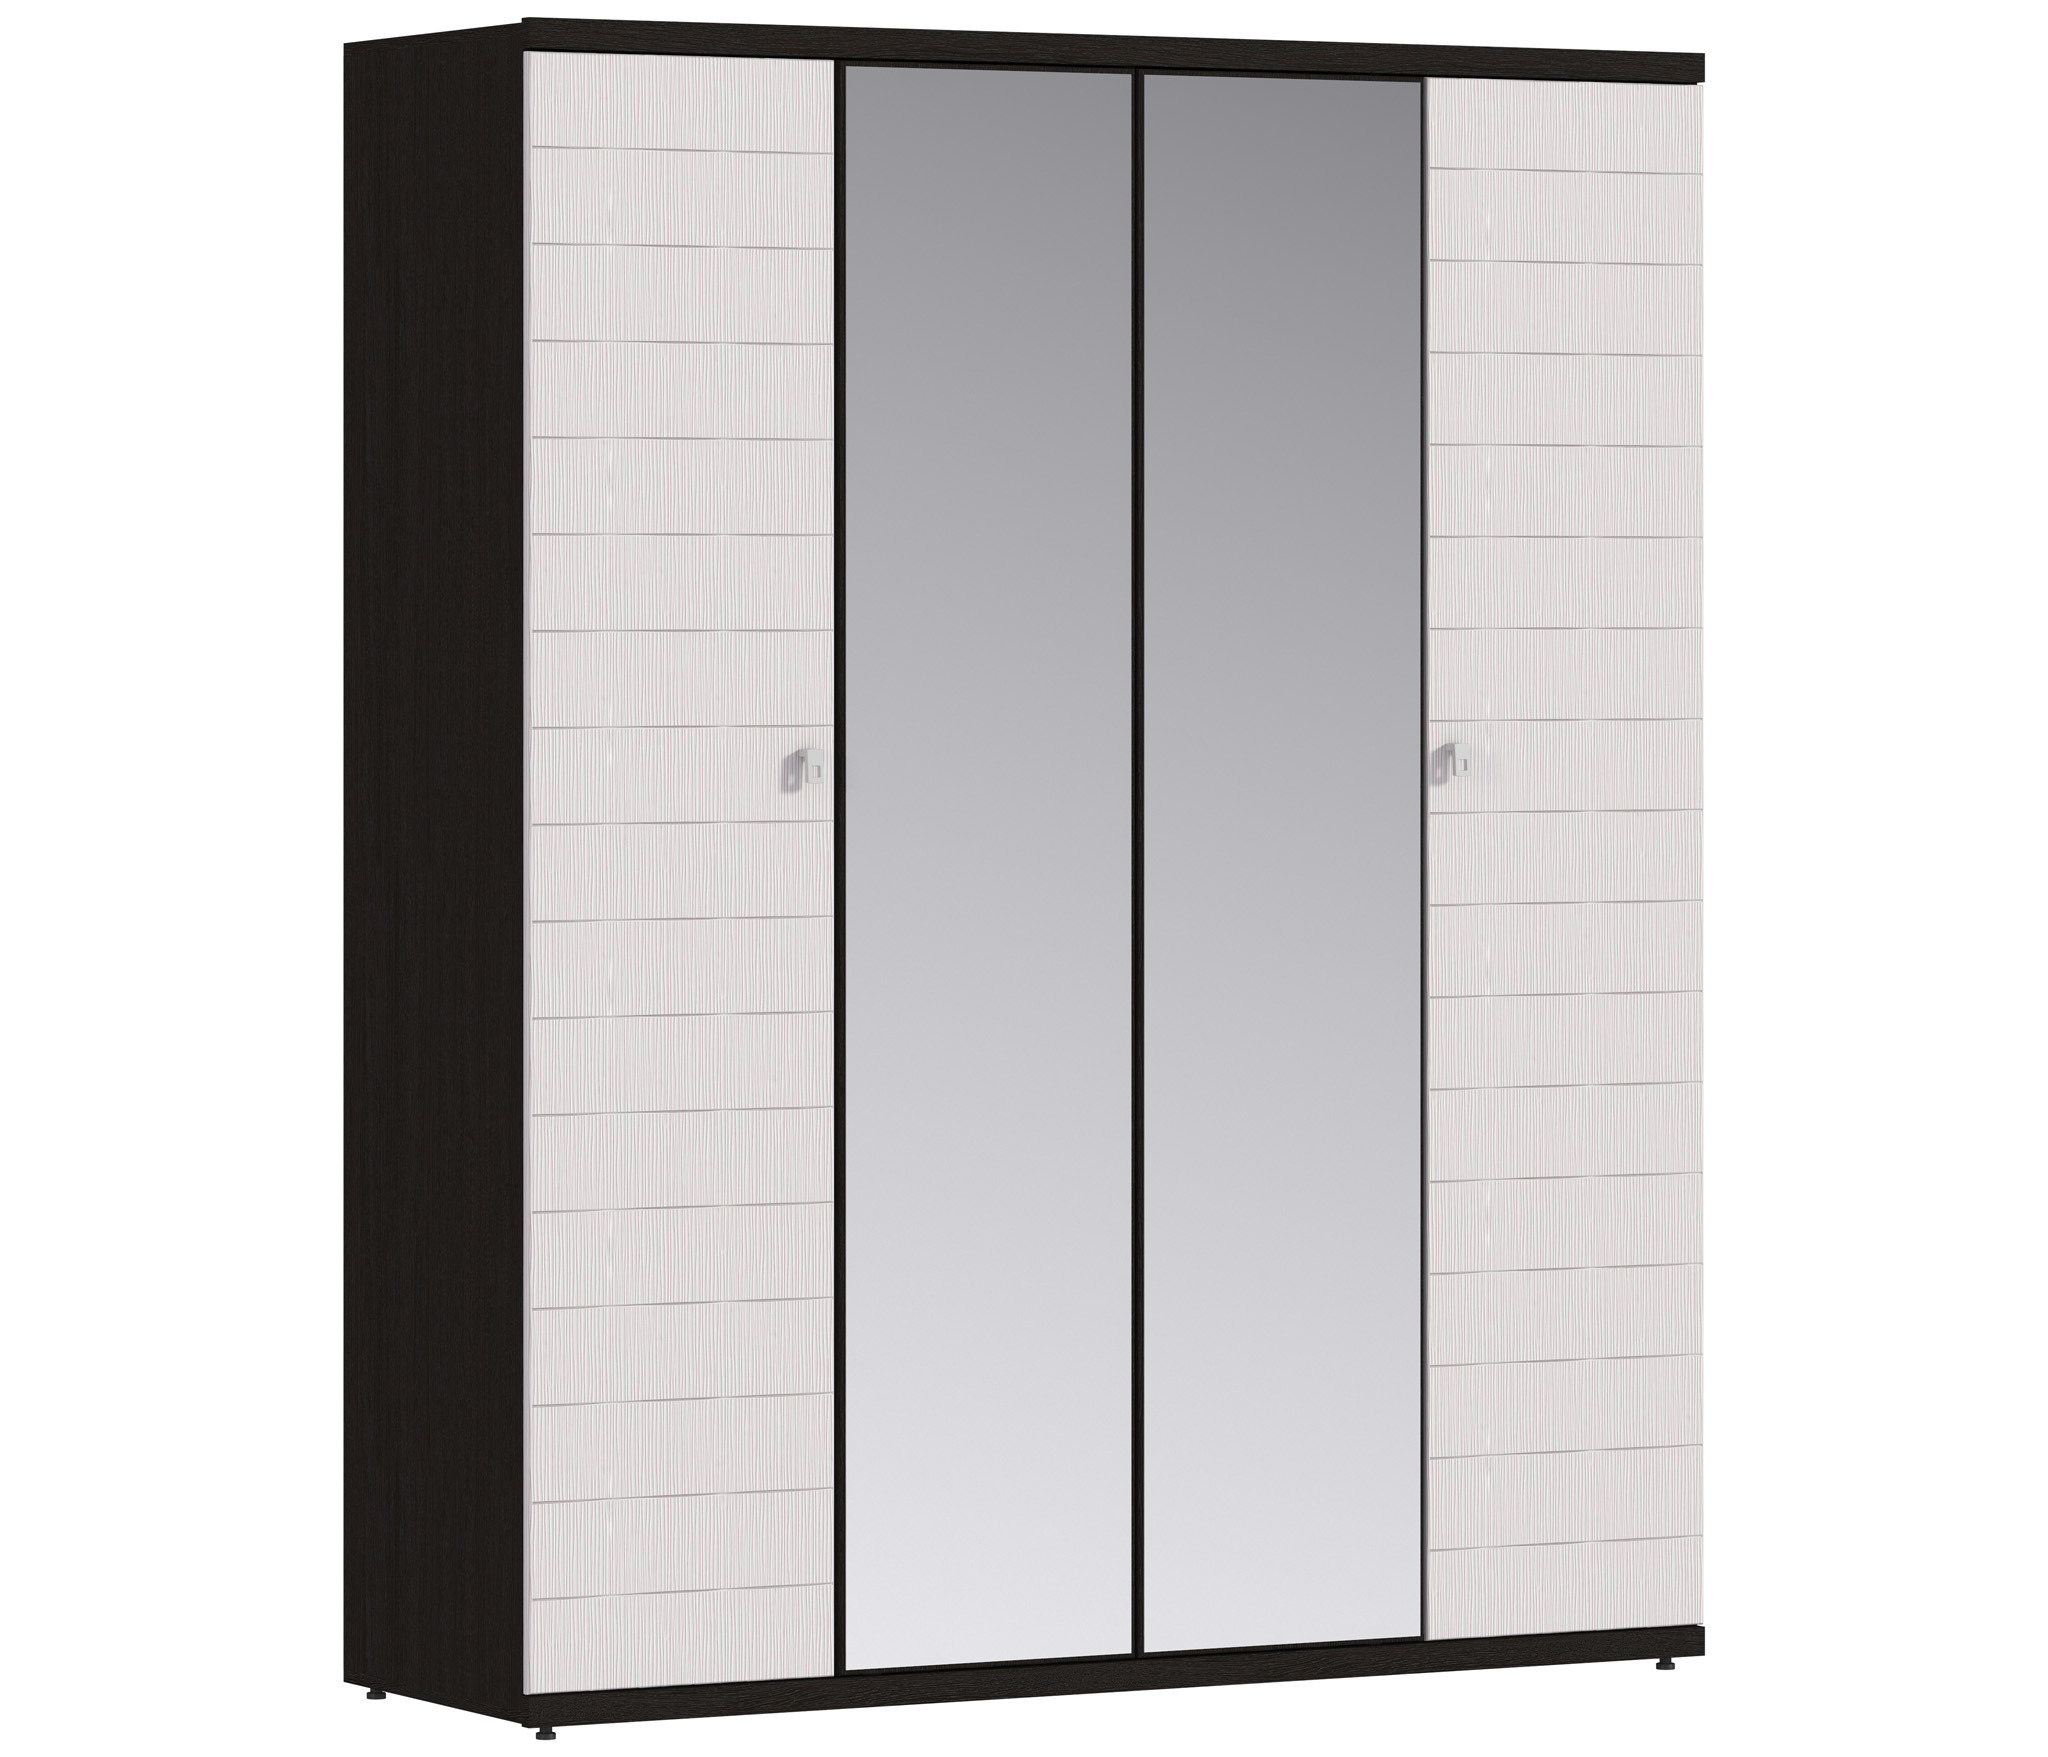 Гретта СБ-207 Шкаф 4-х дверныйШкафы<br>Лаконичный четырехдверный шкаф с зеркальными вставками.<br><br>Длина мм: 1800<br>Высота мм: 2241<br>Глубина мм: 580